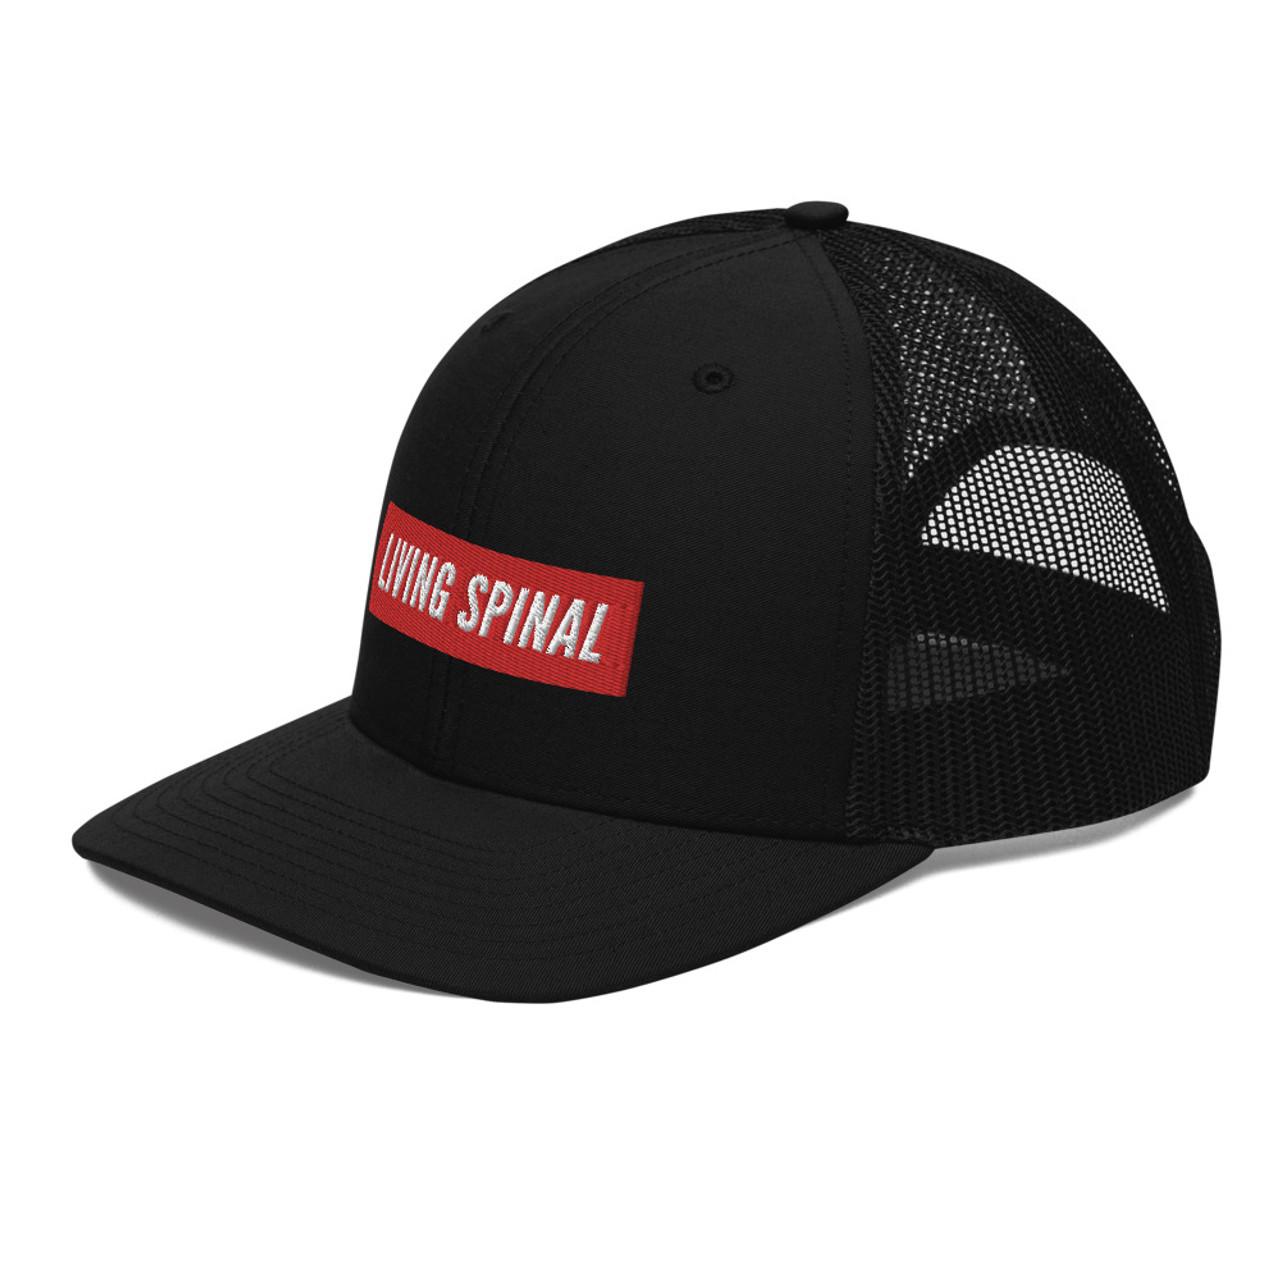 Living Spinal Trucker Cap